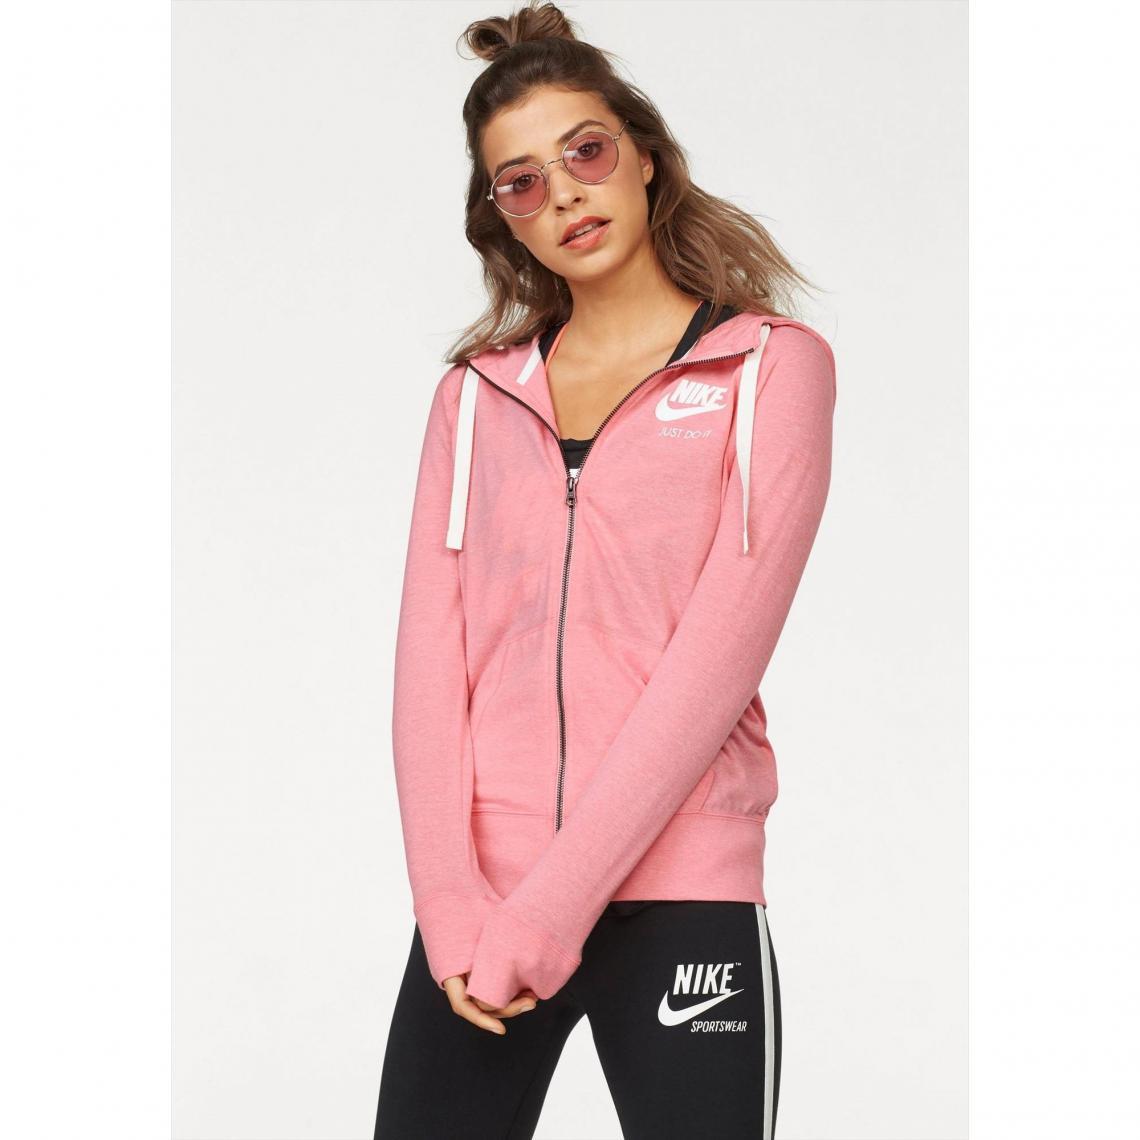 6cb553e05b Sweat zippé à capuche femme Nike - Rose | 3 SUISSES